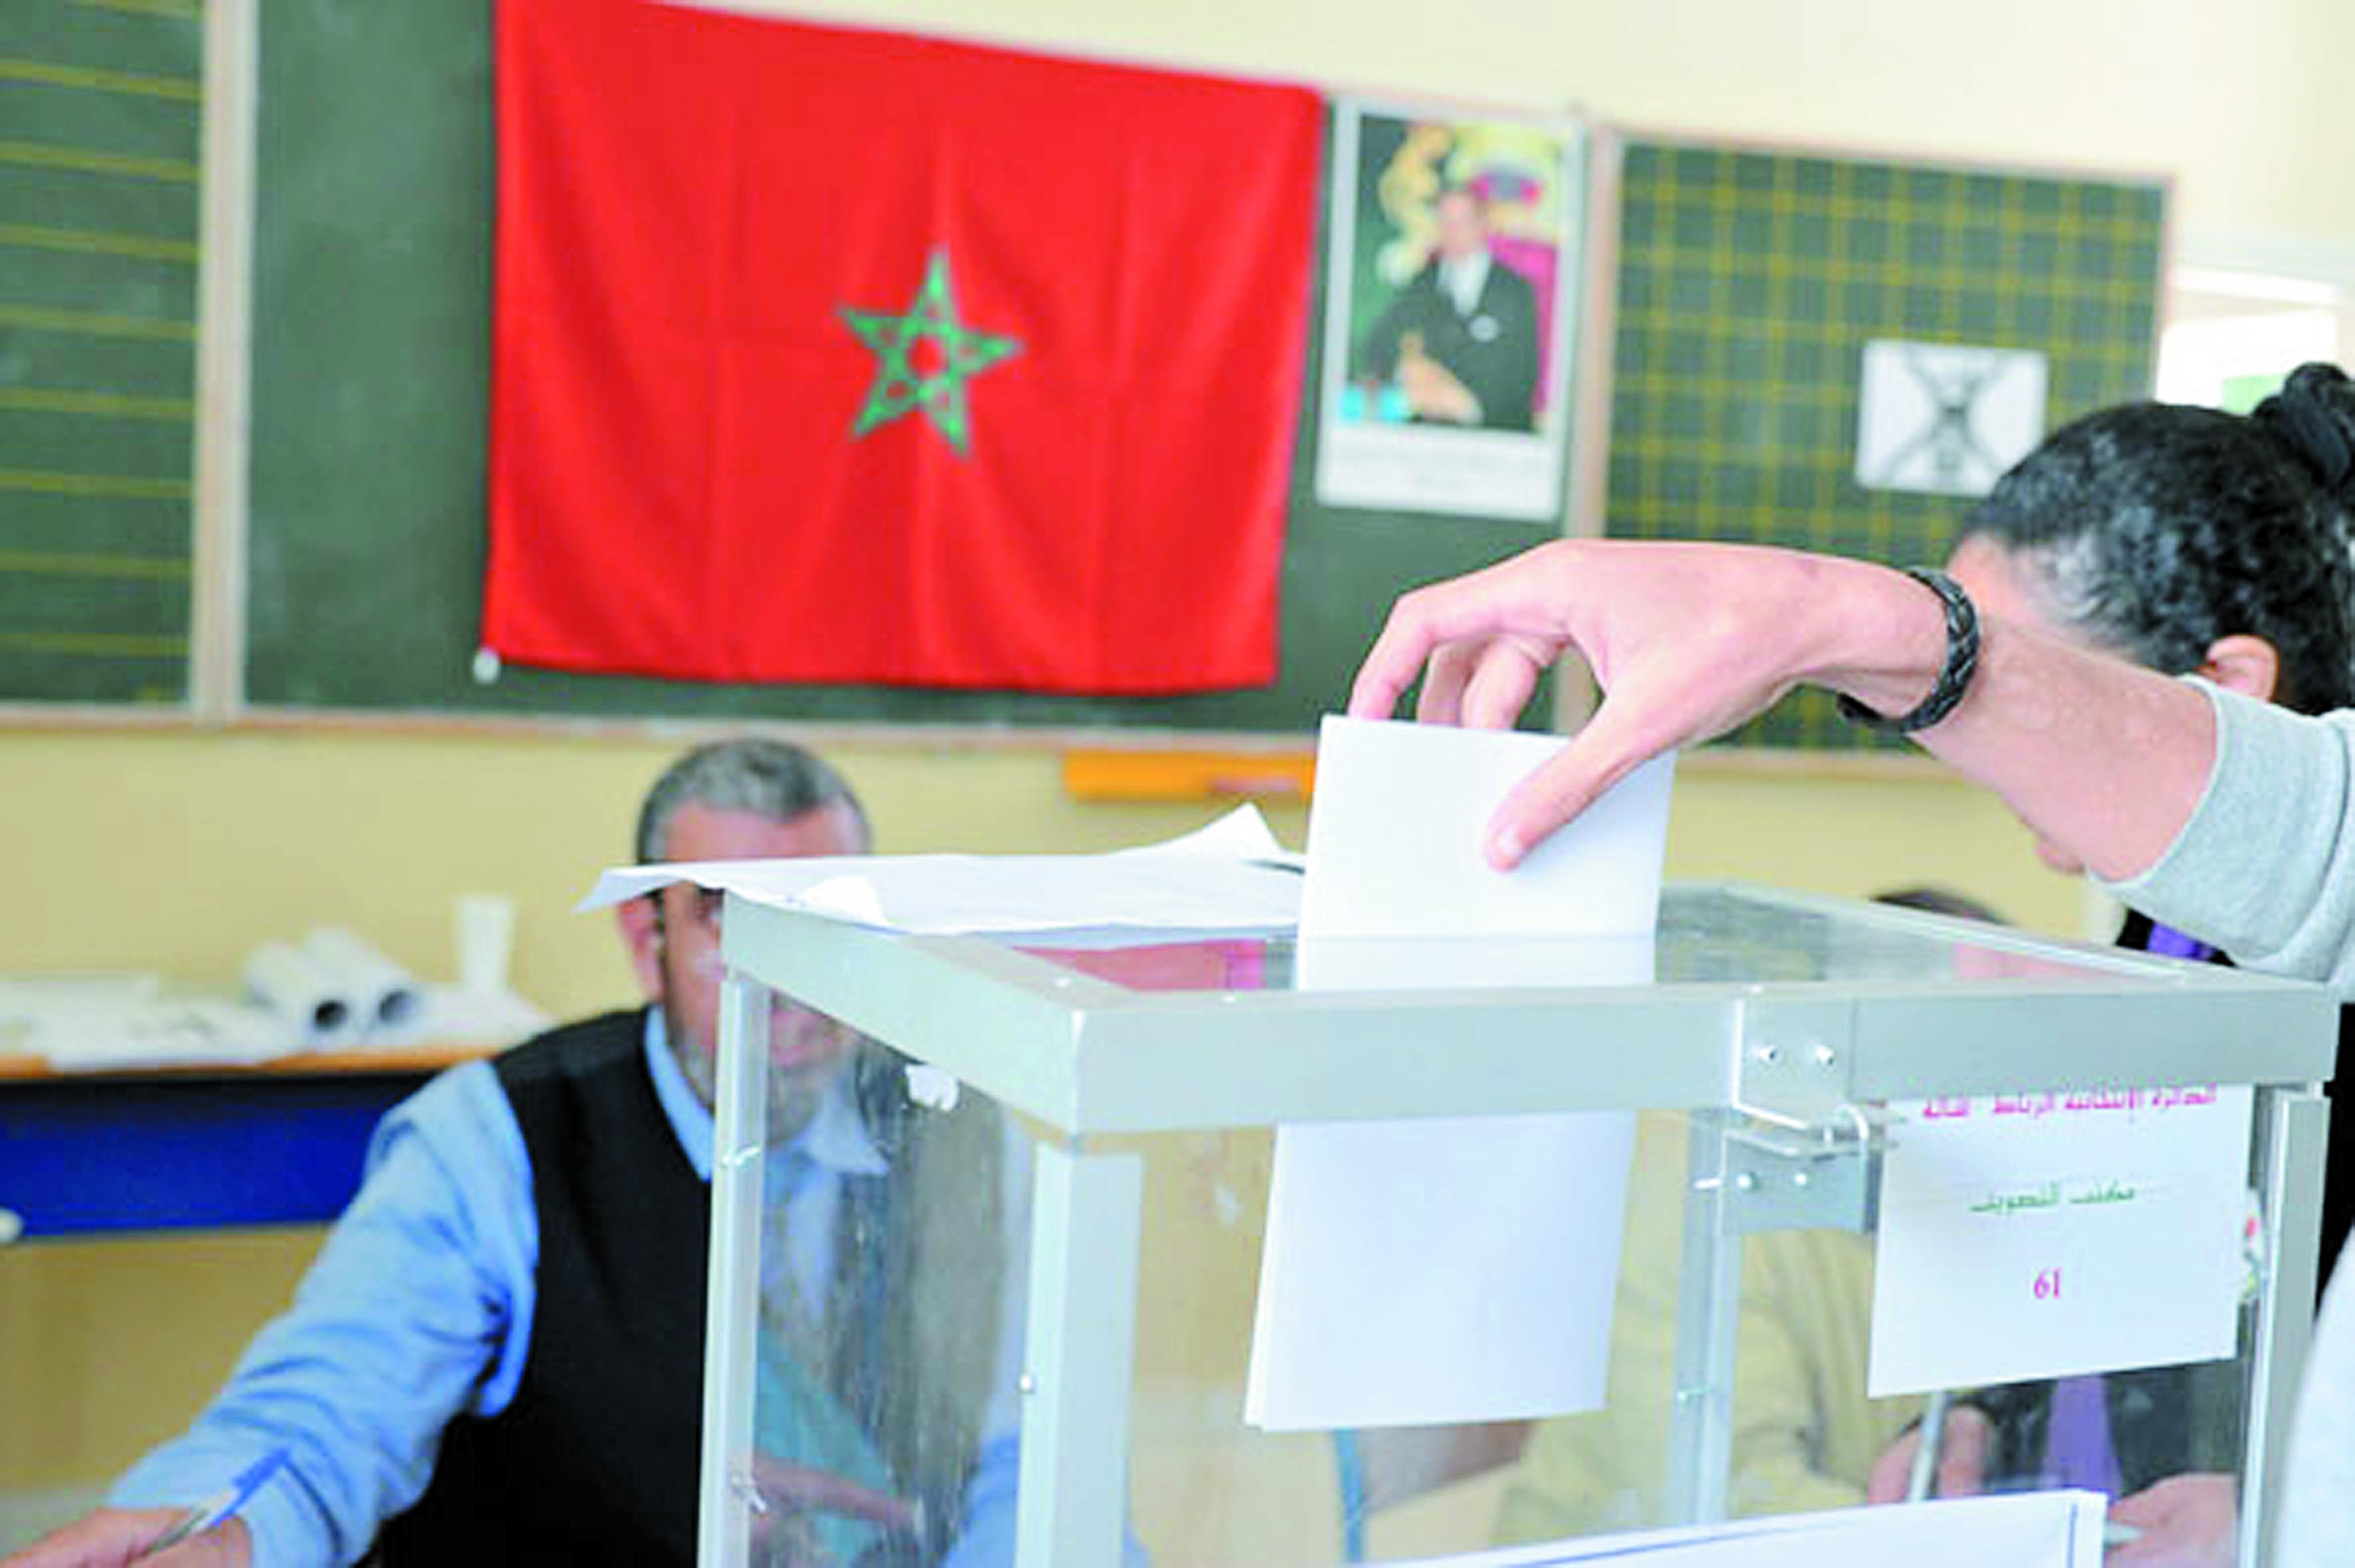 Mohammed El Hark: Les Chambres professionnelles doivent constituer un vrai levier de développement